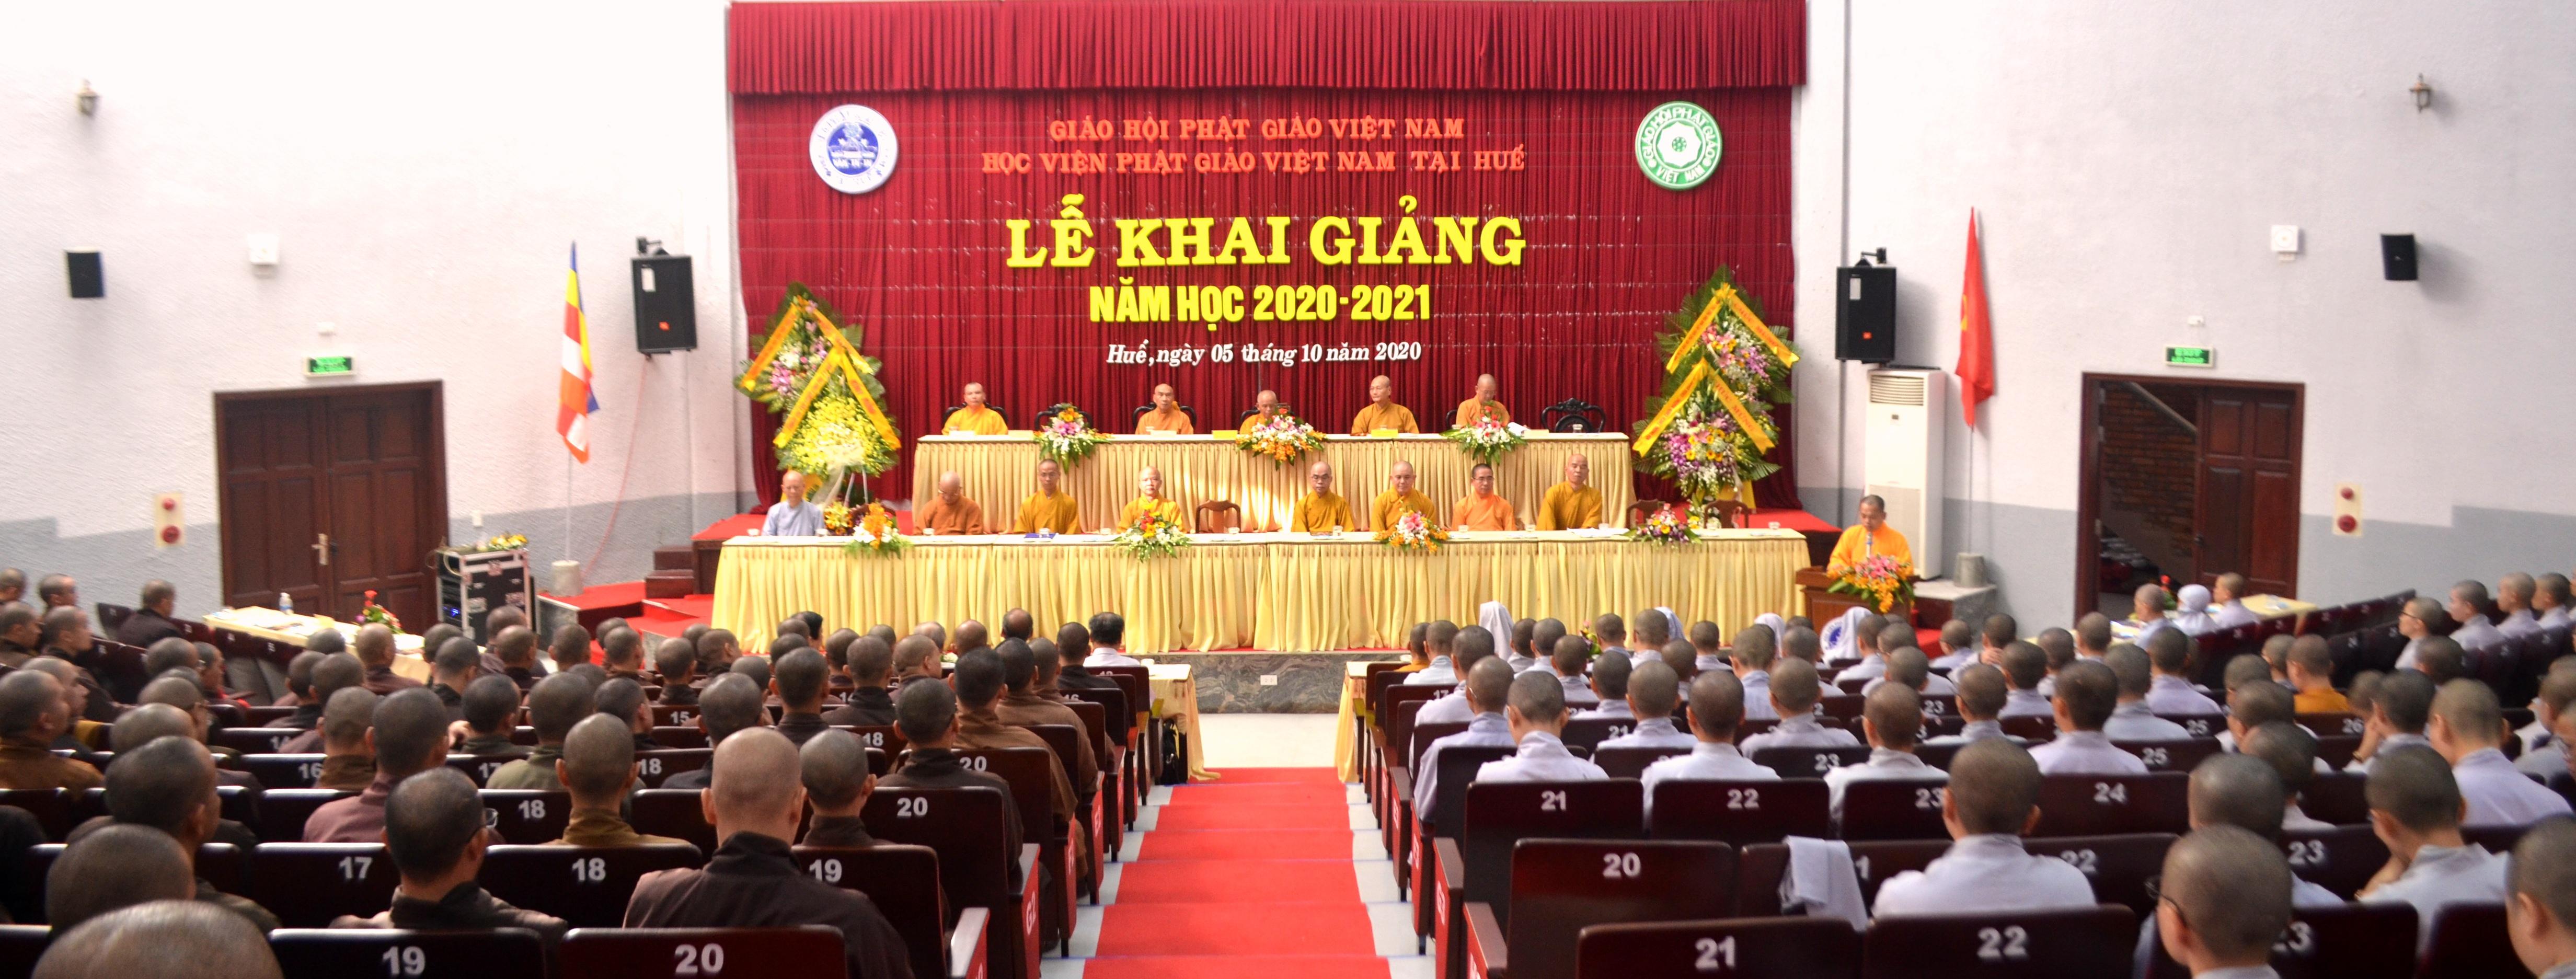 Học viện Phật giáo Việt Nam tại Huế tổ chức khai giảng năm học 2020-2021